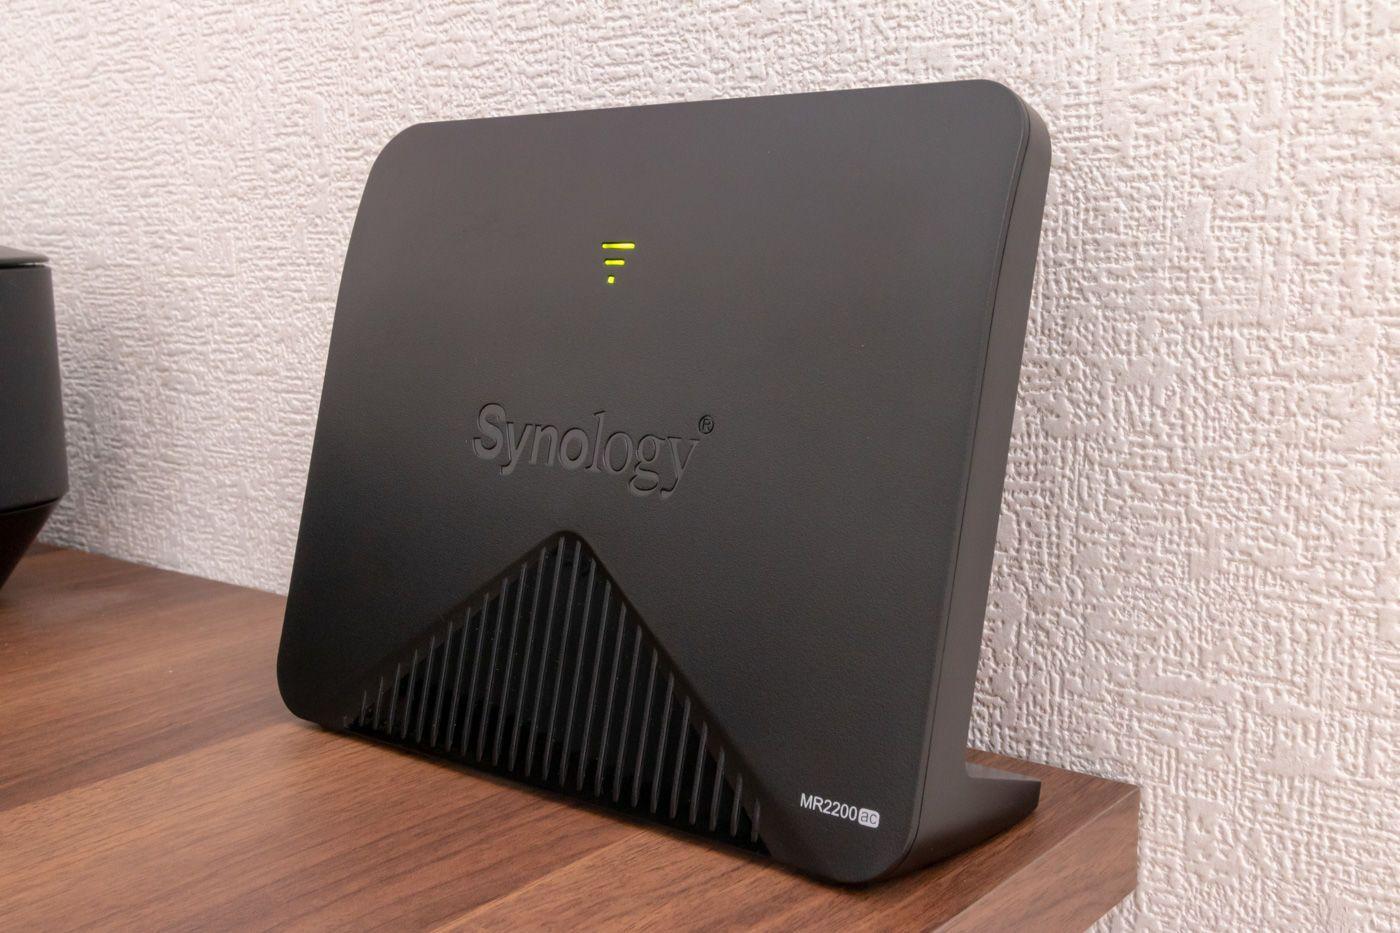 メッシュwi Fiも独自osで管理 Synologyのルーター Mr2200ac が機能